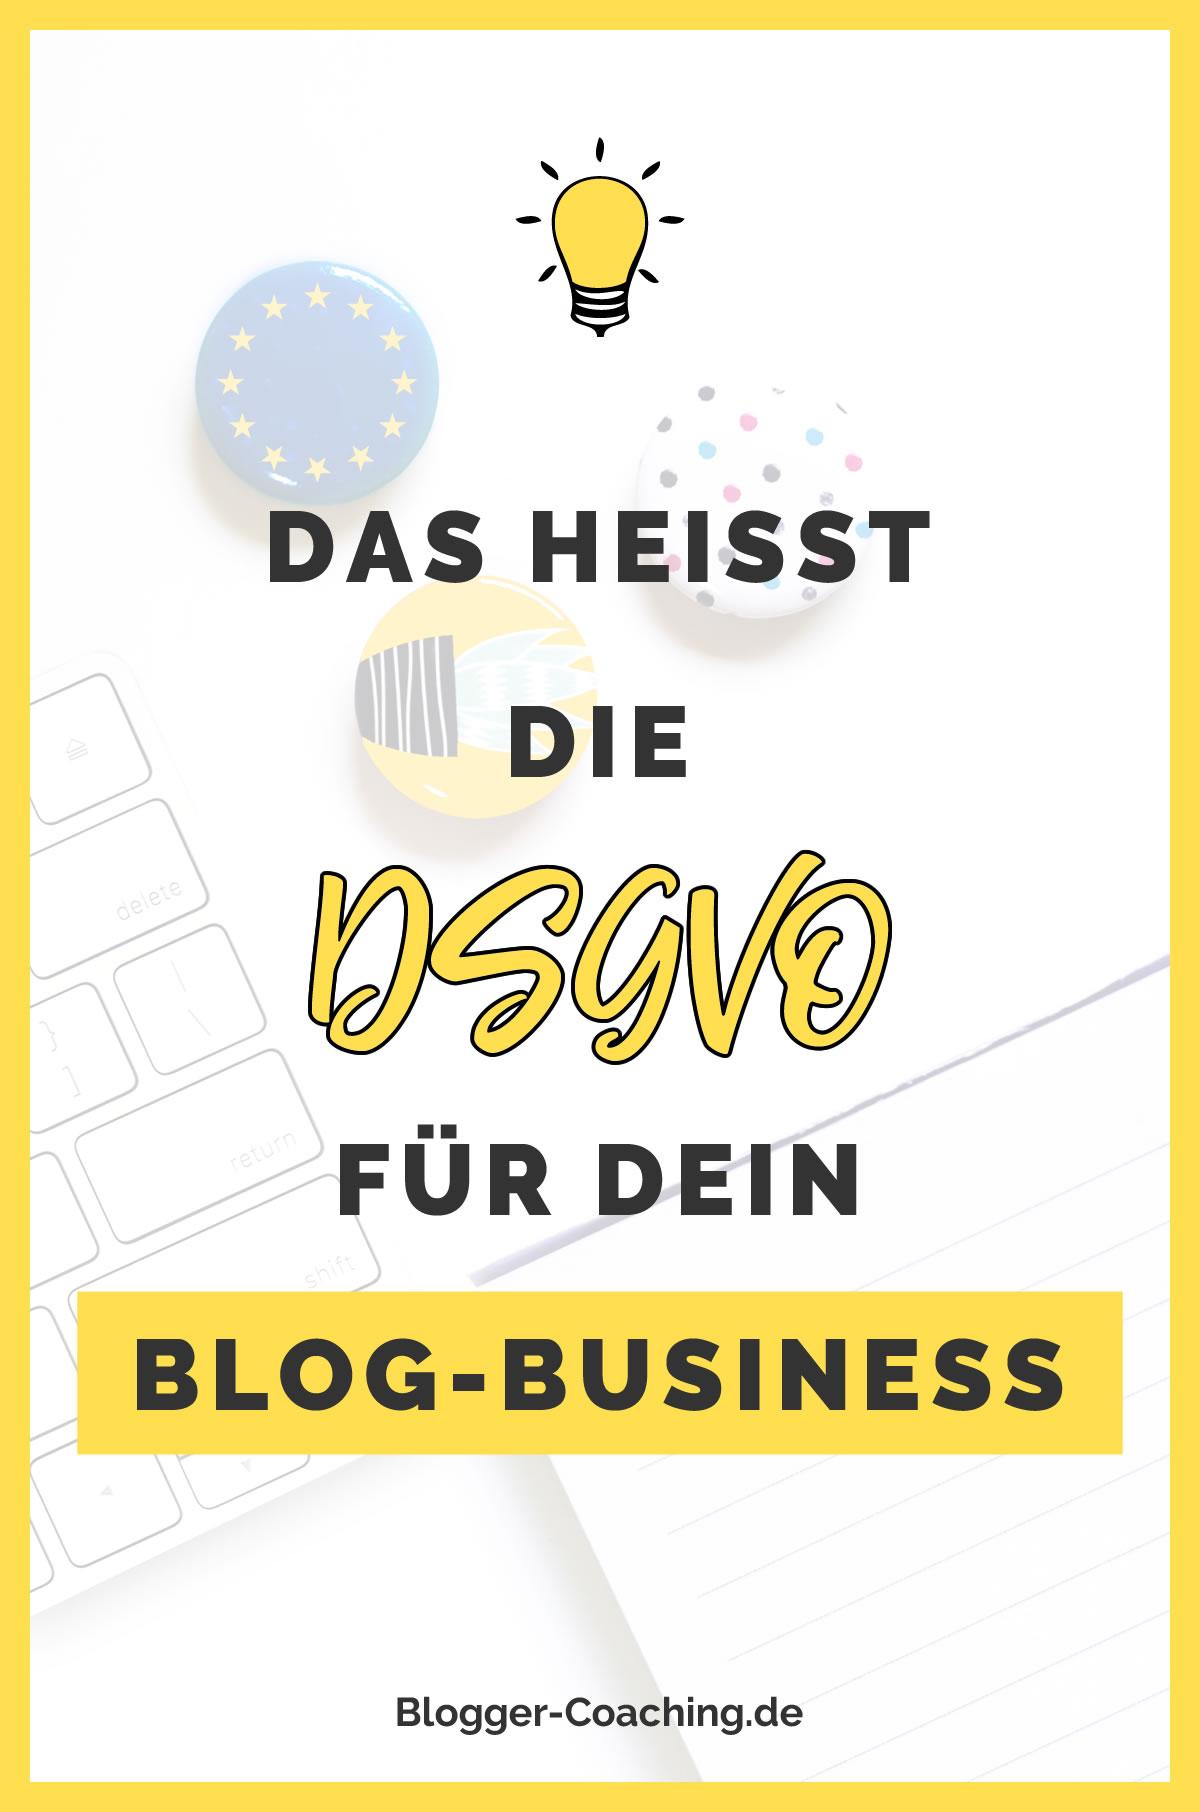 Datenschutzgrundverordnung: DSGVO für Blogger & Websitebetreiber| Blogger-Coaching.de - Erfolgreich bloggen & Geld verdienen